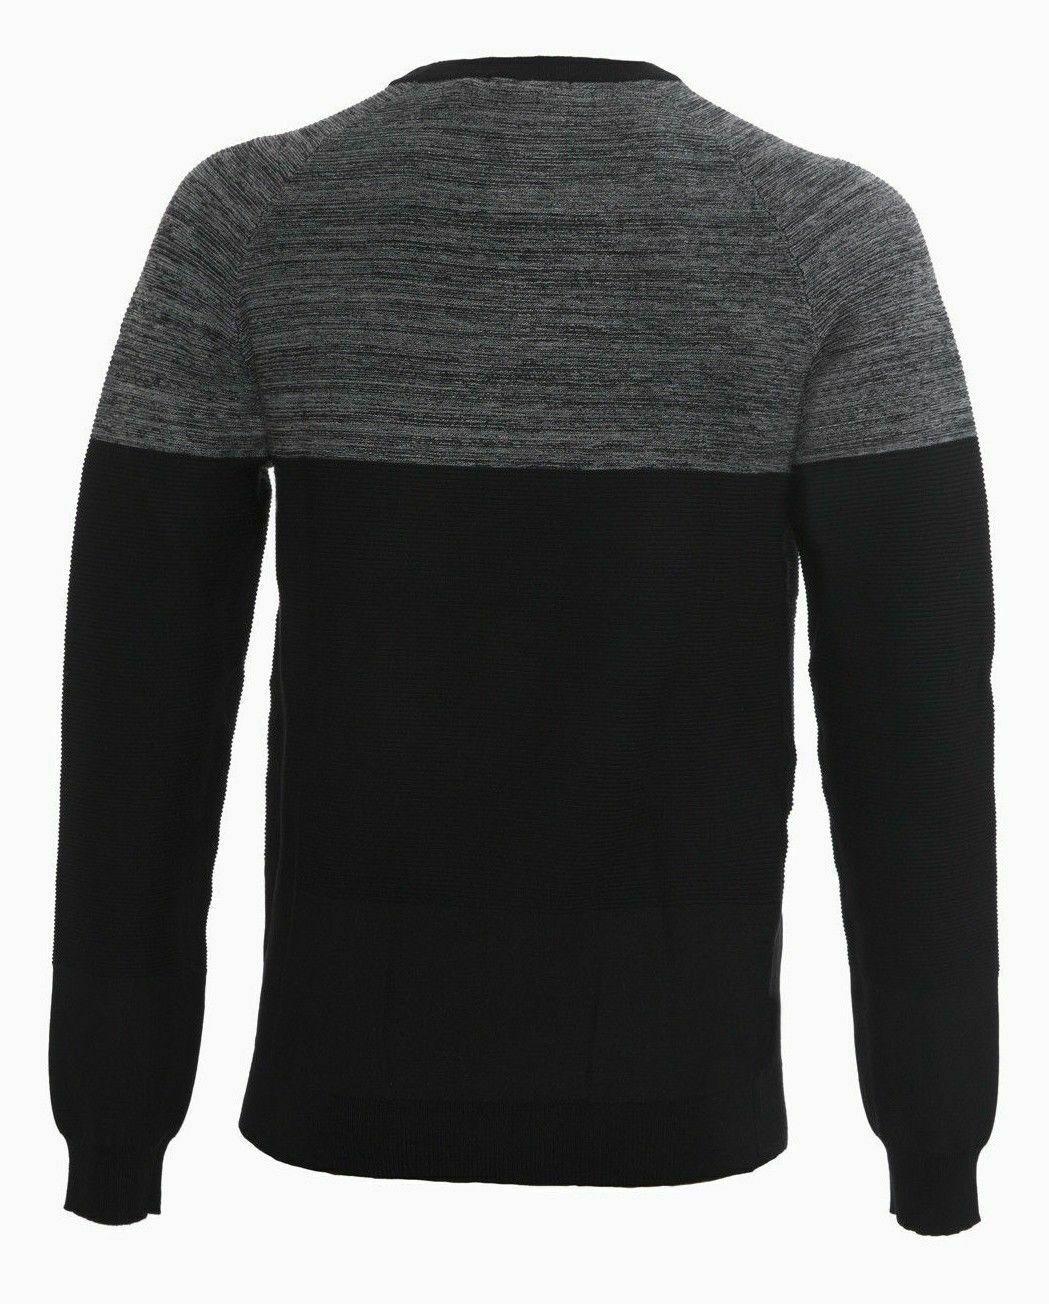 Maglione-uomo-Slim-Fit-Maglioncino-Girocollo-Cardigan-Casual-Grigio-Nero miniatura 16